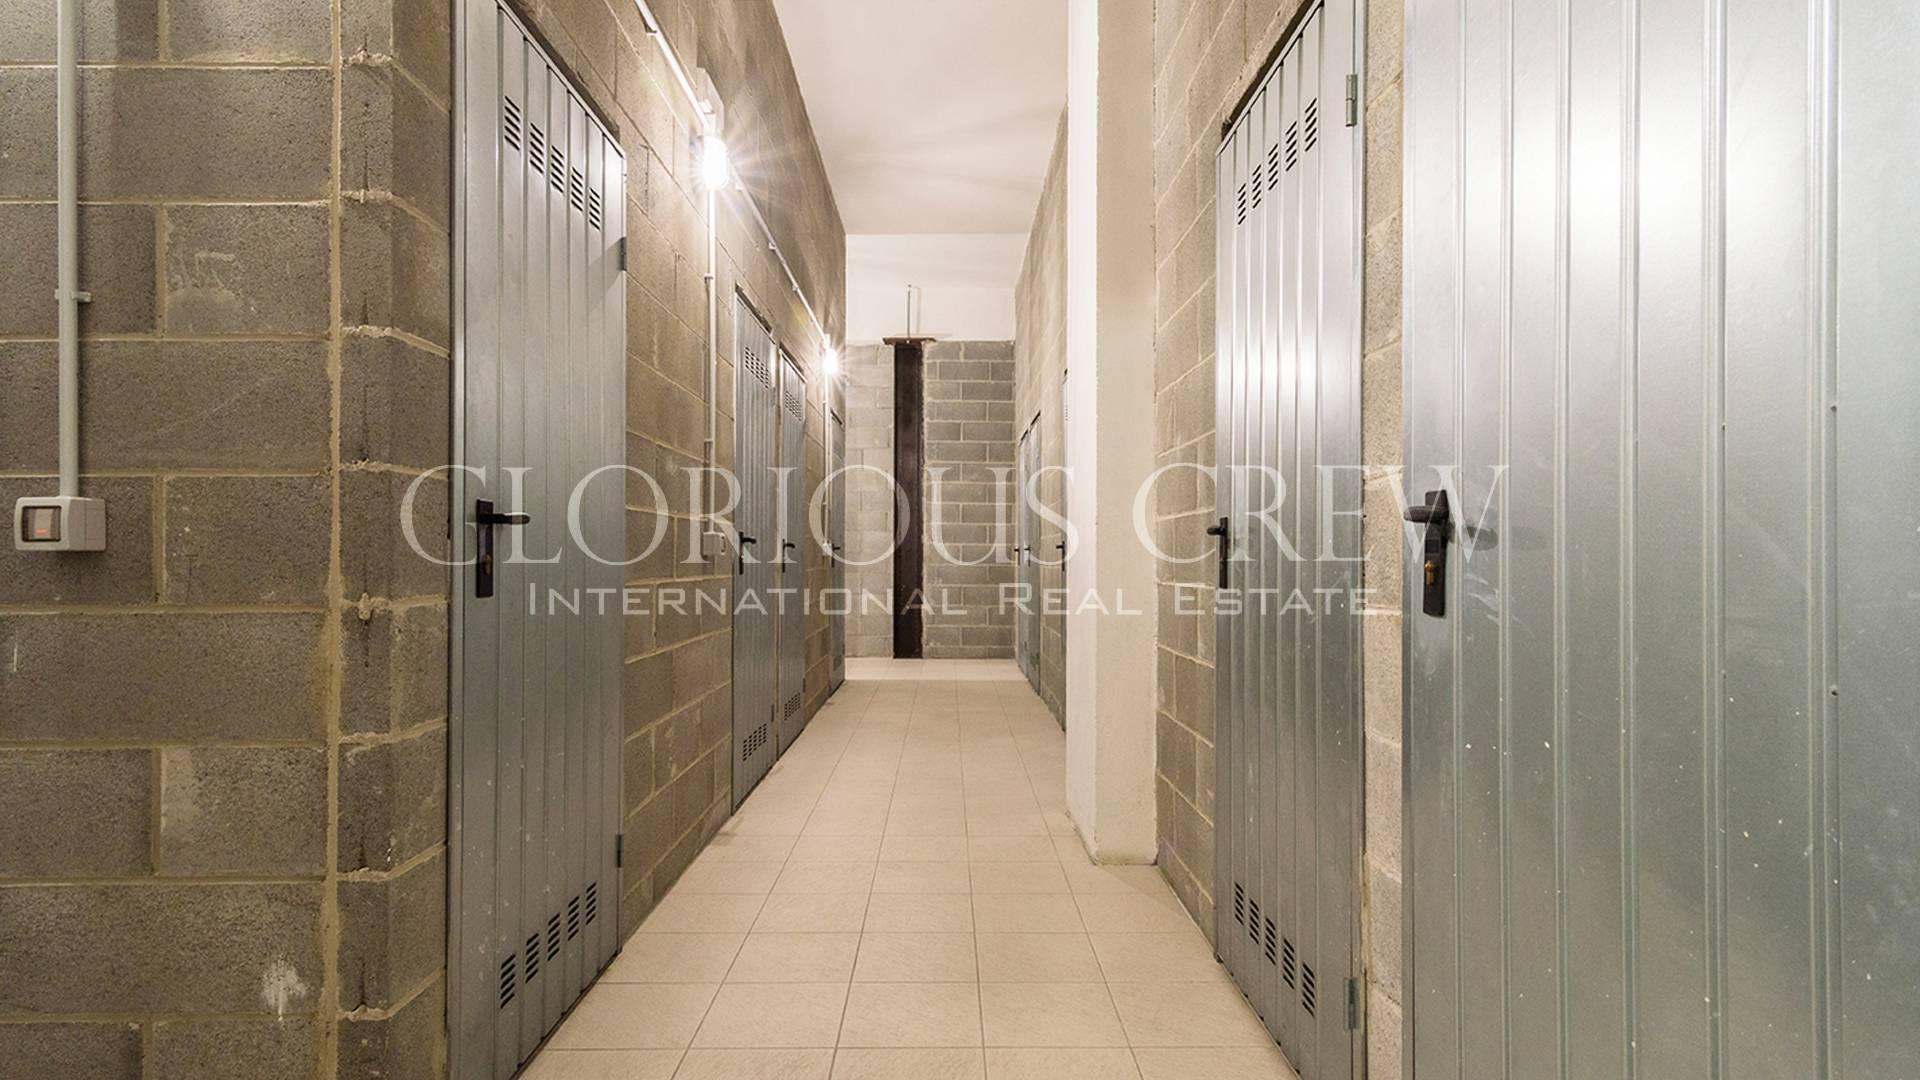 Appartamento in Vendita a Monza: 4 locali, 149 mq - Foto 23